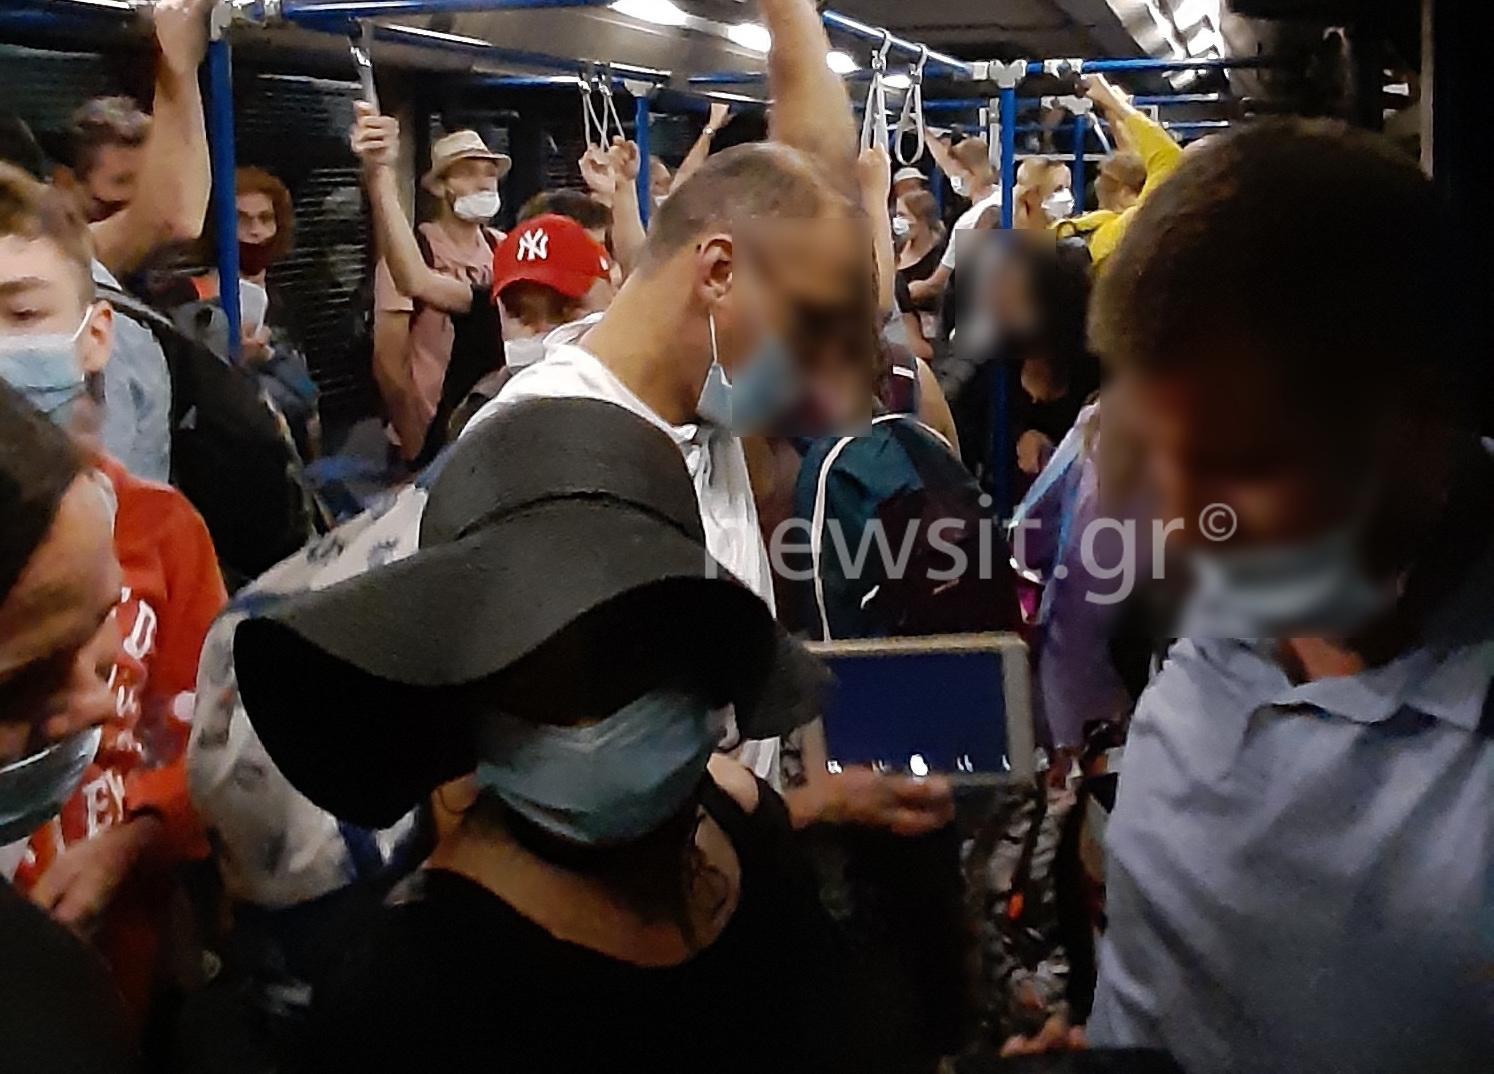 """Ελευθέριος Βενιζέλος: Σαν τις """"σαρδέλες"""" στο λεωφορείο του αεροδρομίου! (pics, video)"""